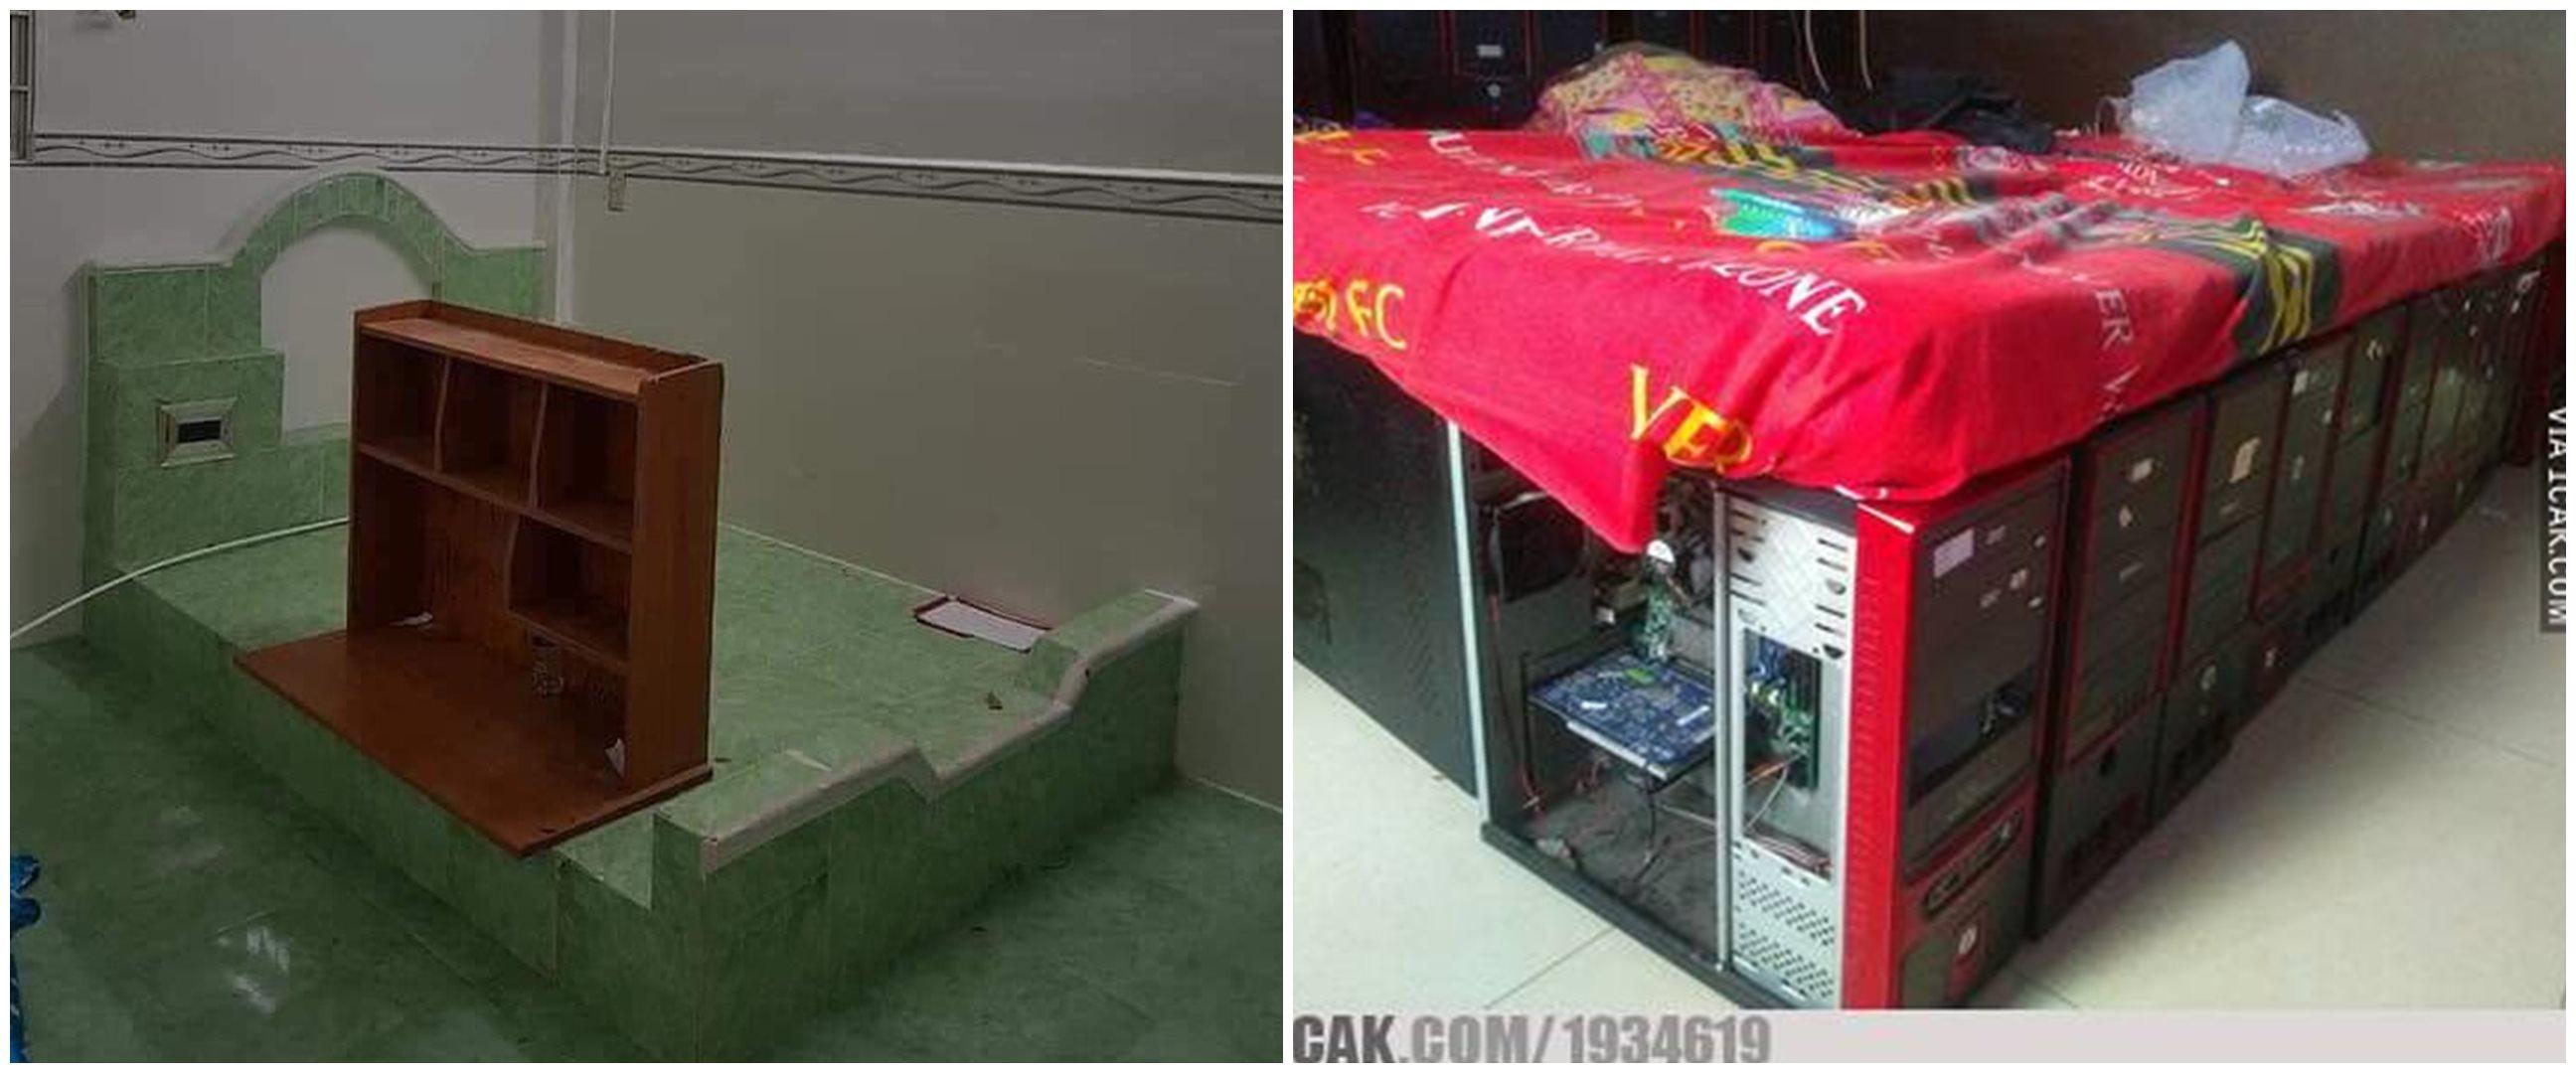 10 Potret tempat tidur ini desainnya absurd abis, kocak